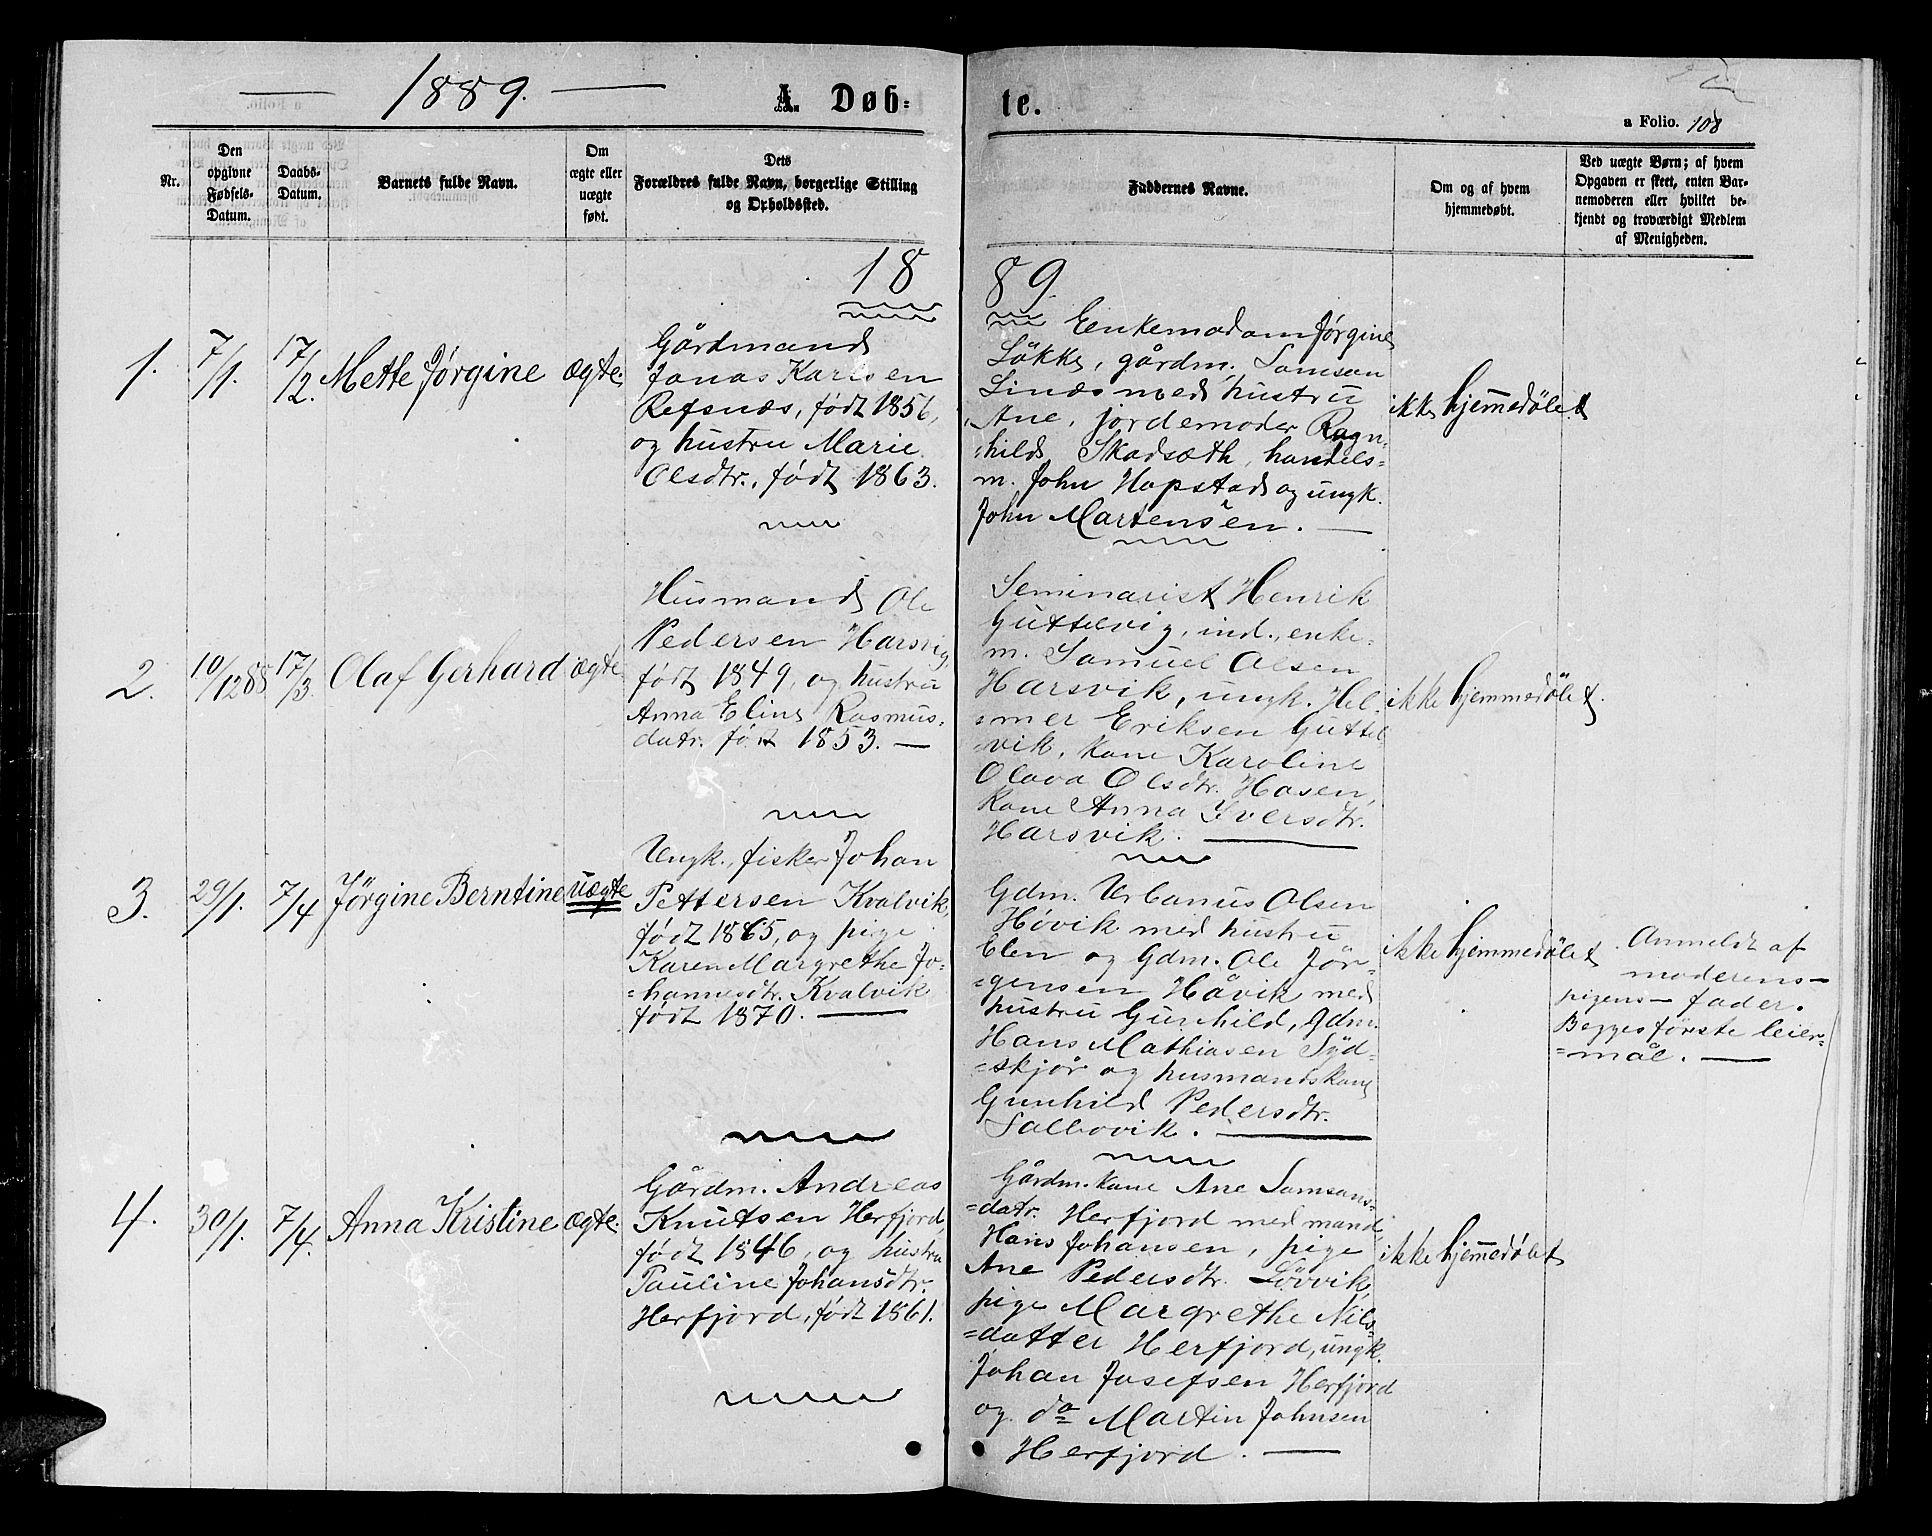 SAT, Ministerialprotokoller, klokkerbøker og fødselsregistre - Sør-Trøndelag, 656/L0695: Klokkerbok nr. 656C01, 1867-1889, s. 108